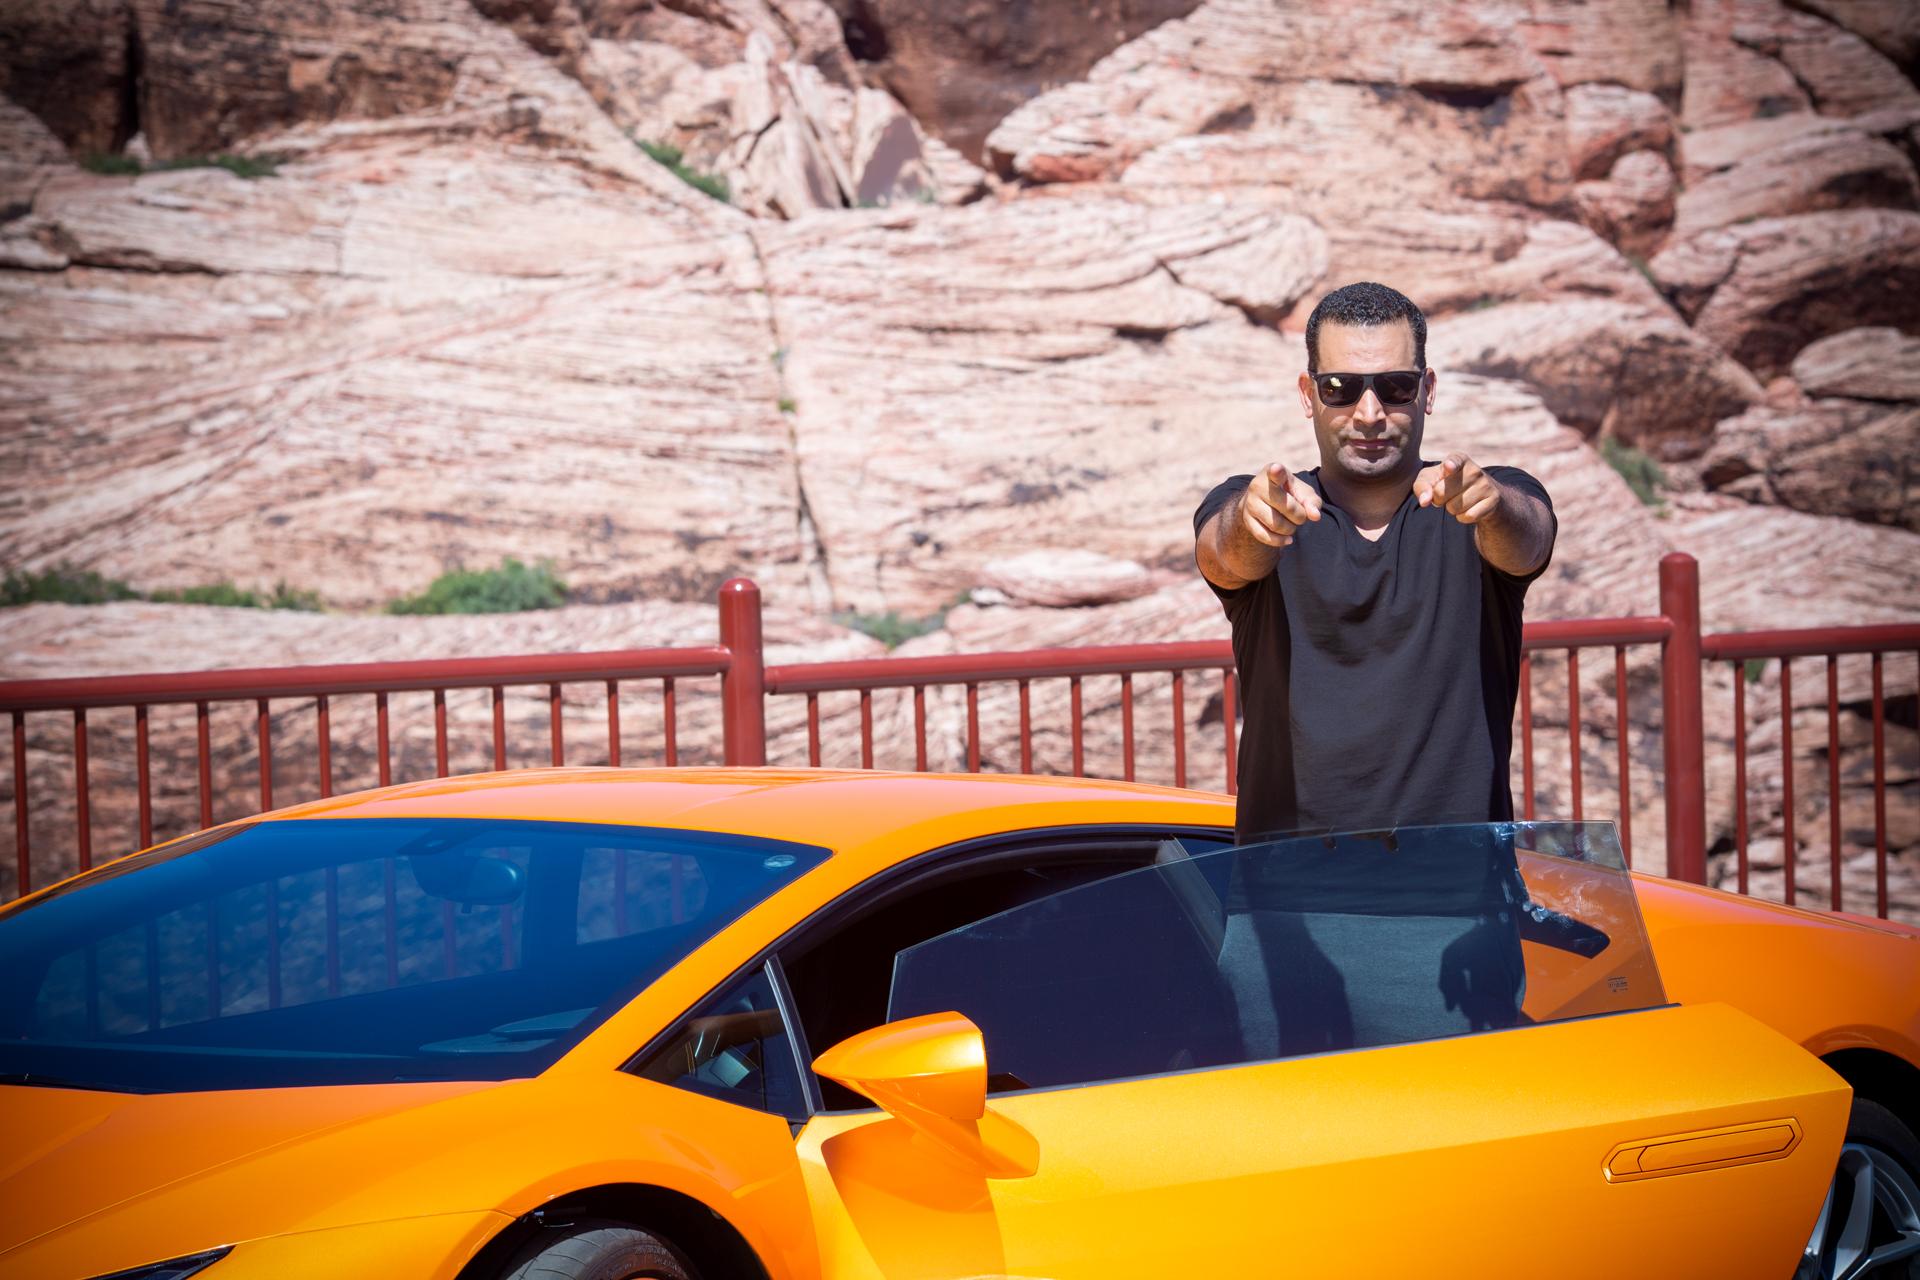 Tinder Photographer Las Vegas